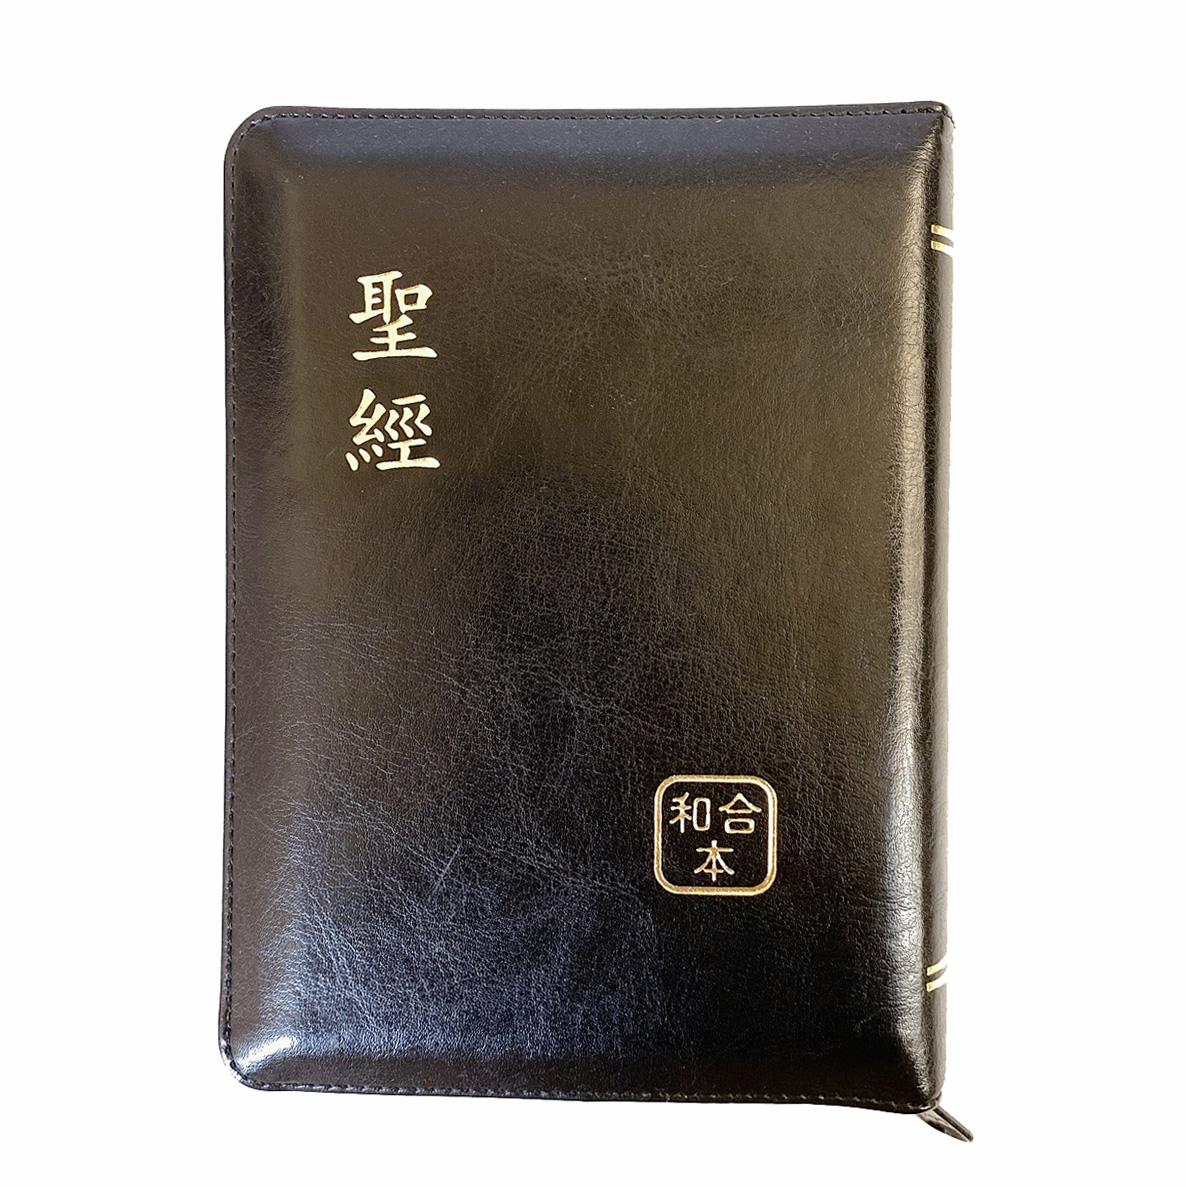 黑金_聖經和合本紅字版皮面拉鍊索引(5系列)